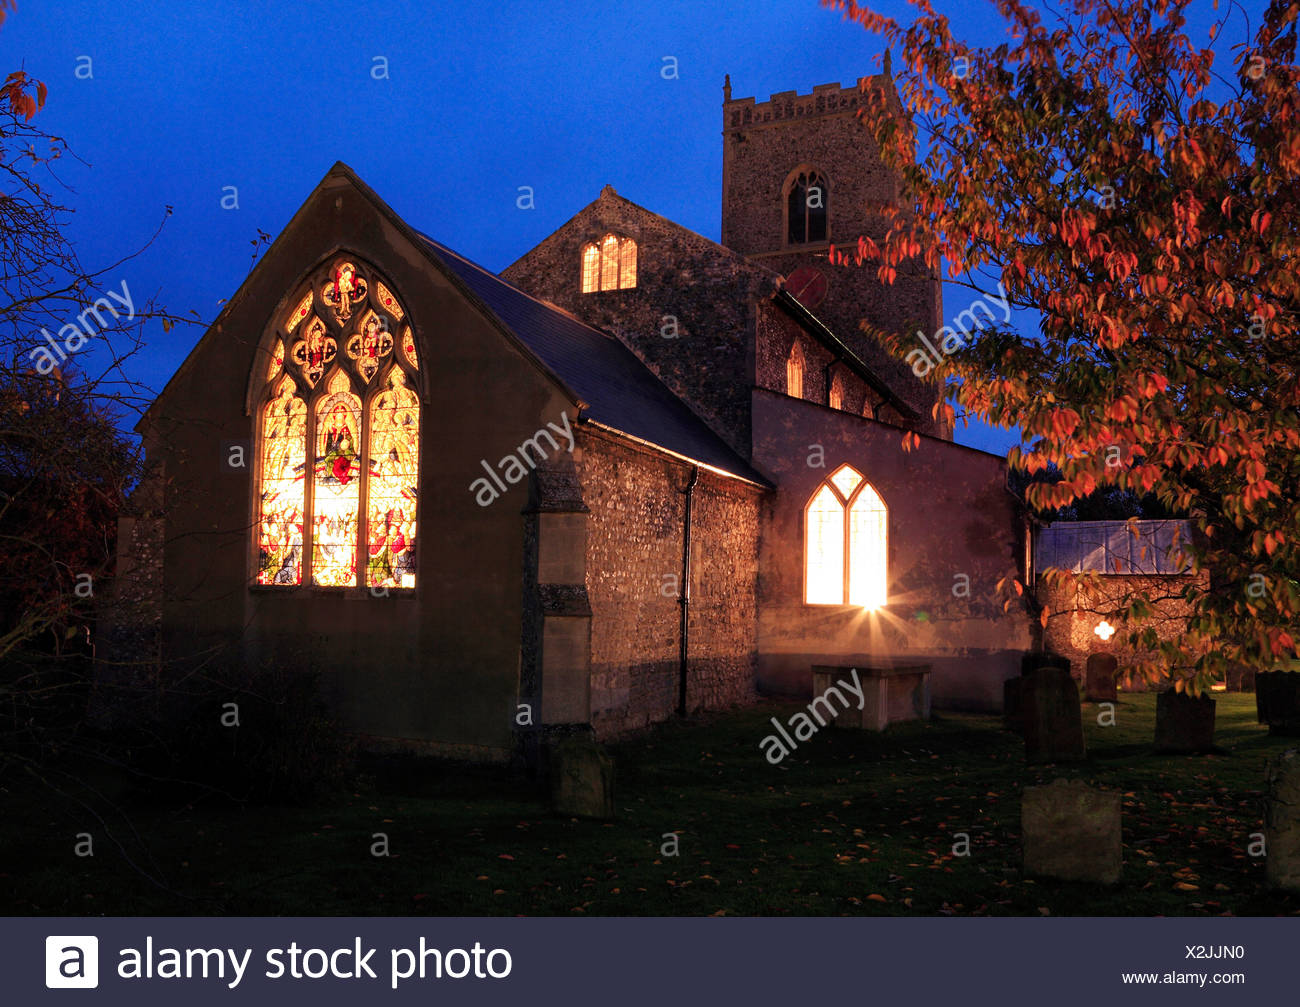 Brancaster, Église de la fenêtre de l'est par l'intermédiaire de feux de vitrail lumineux la nuit, Norfolk, Angleterre, Royaume-Uni Photo Stock